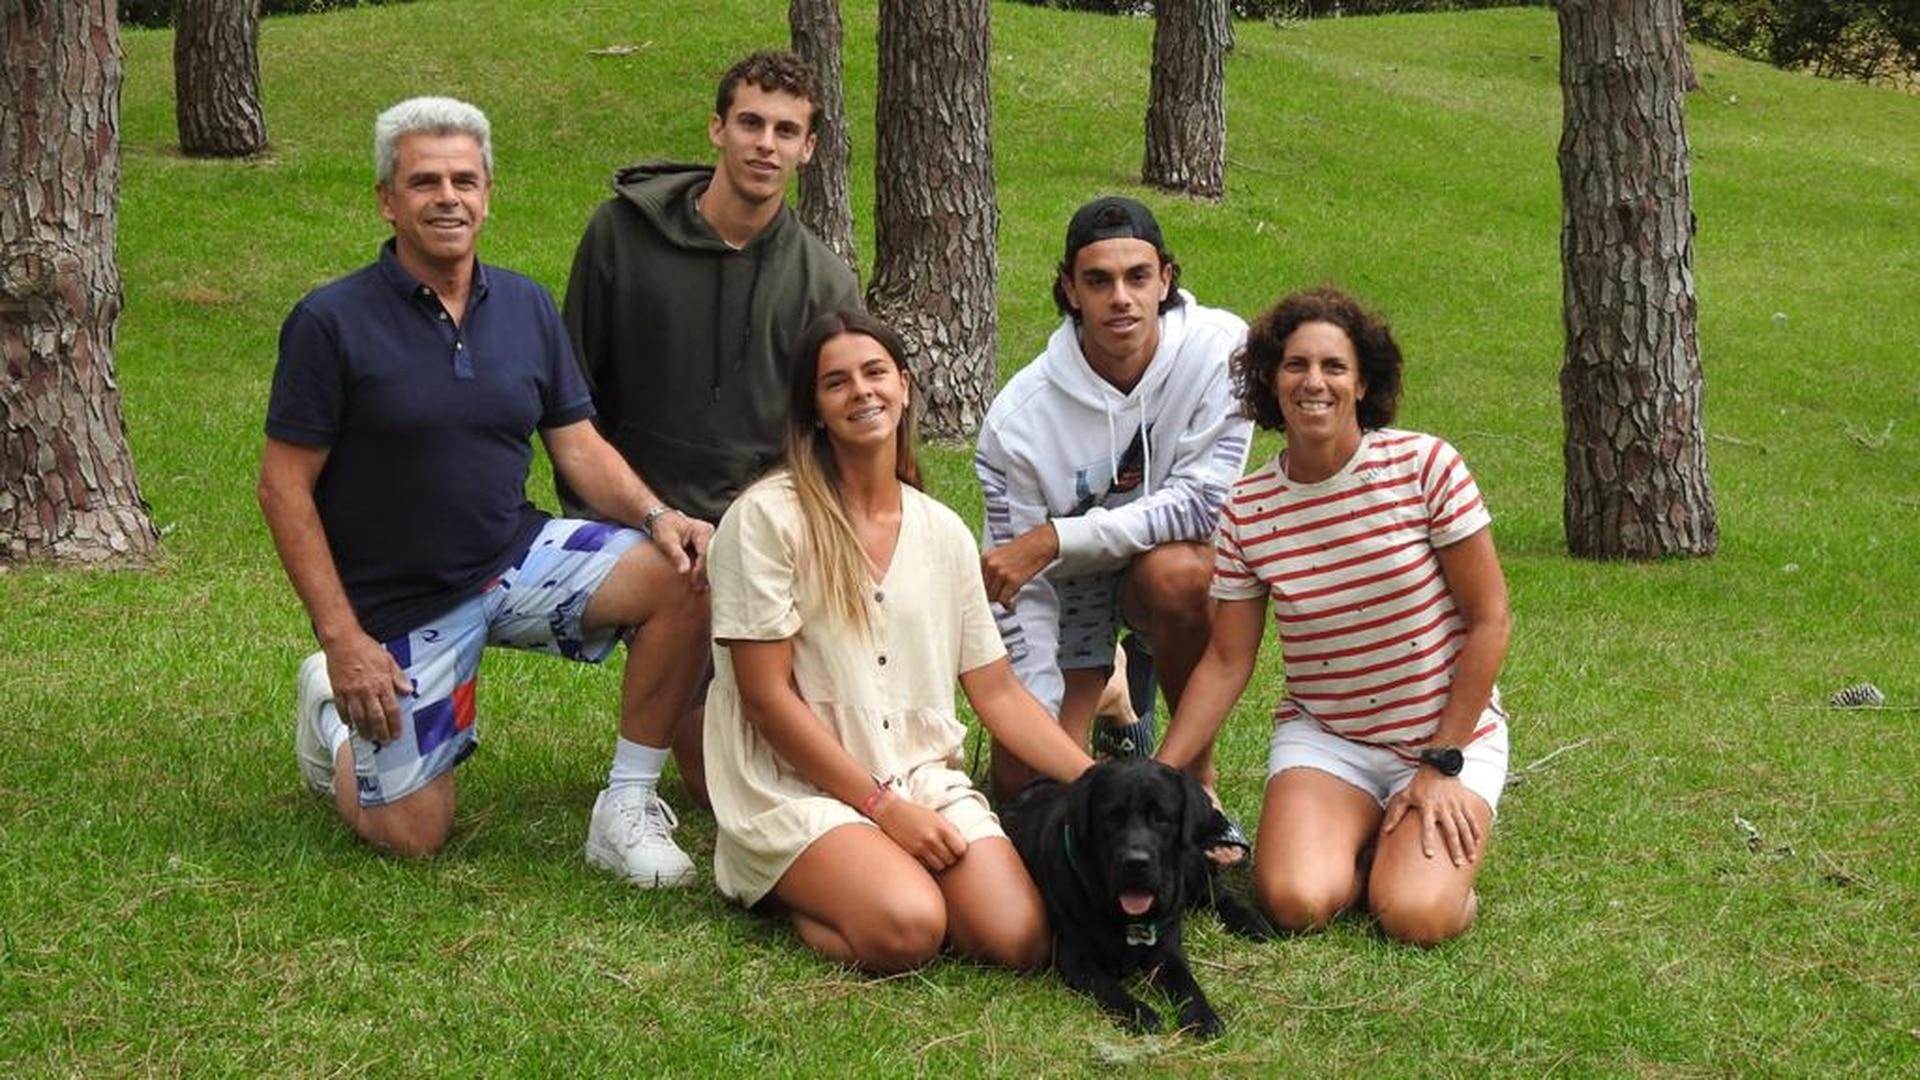 Los Cerúndolo, todos vinculados al deporte: papá Alejandro y mamá María Luz, ambos ex tenistas profesionales; Juan Manuel y Francisco, actuales jugadores de ATP; y Constanza, jugadora de hockey en Belgrano Athletic y Las Leonas.